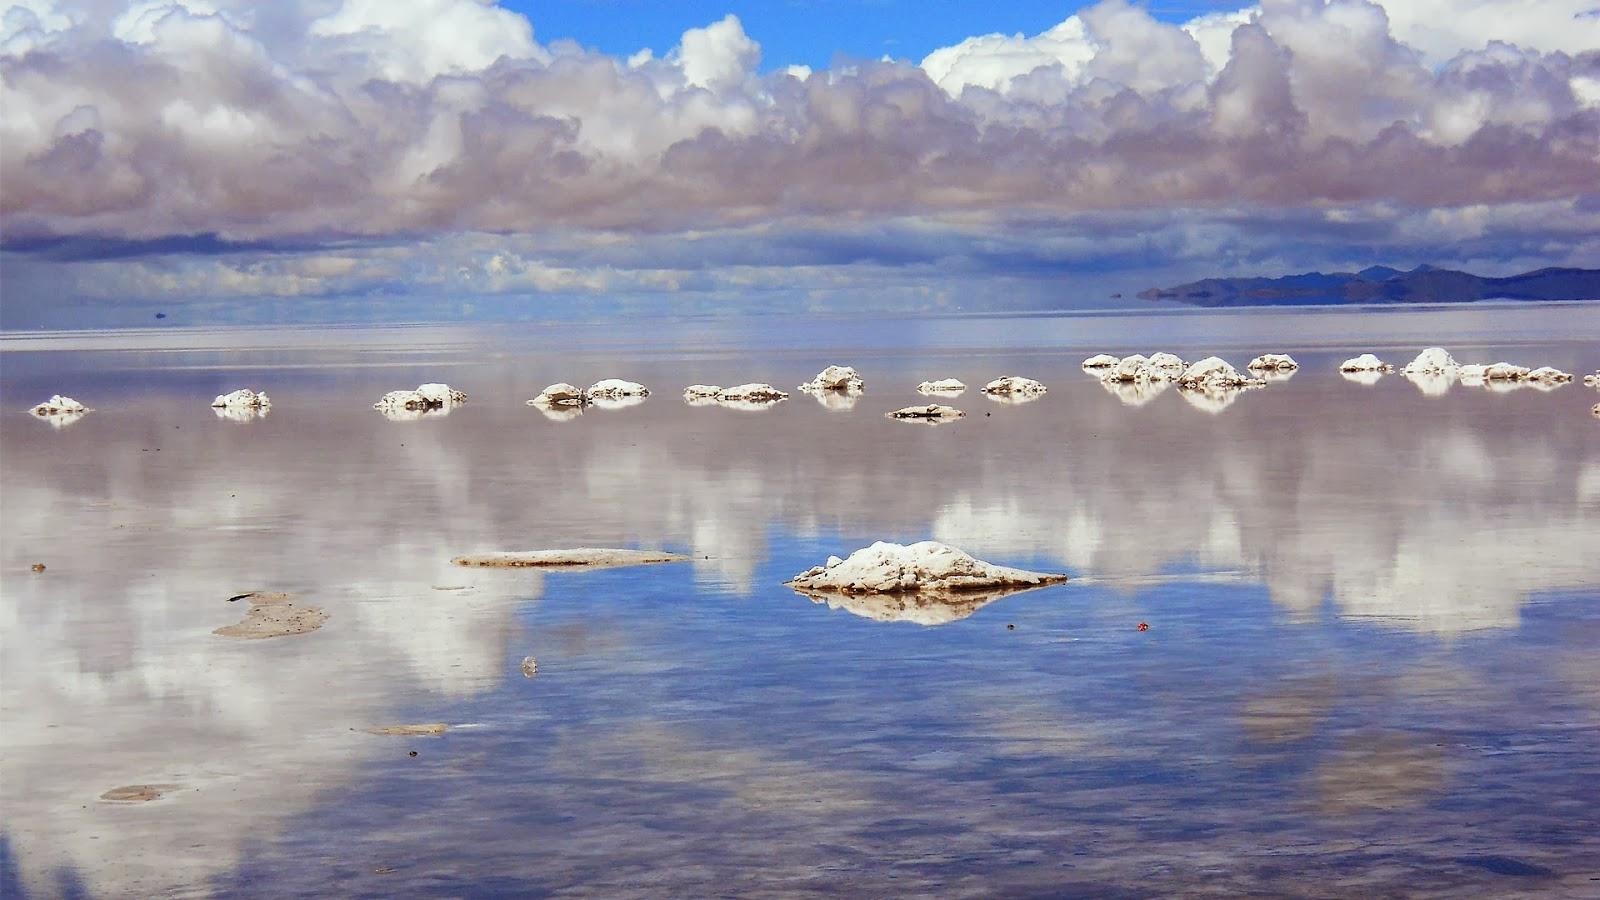 Salar de Uyuni, saltsletten Uyuni, Bolivia